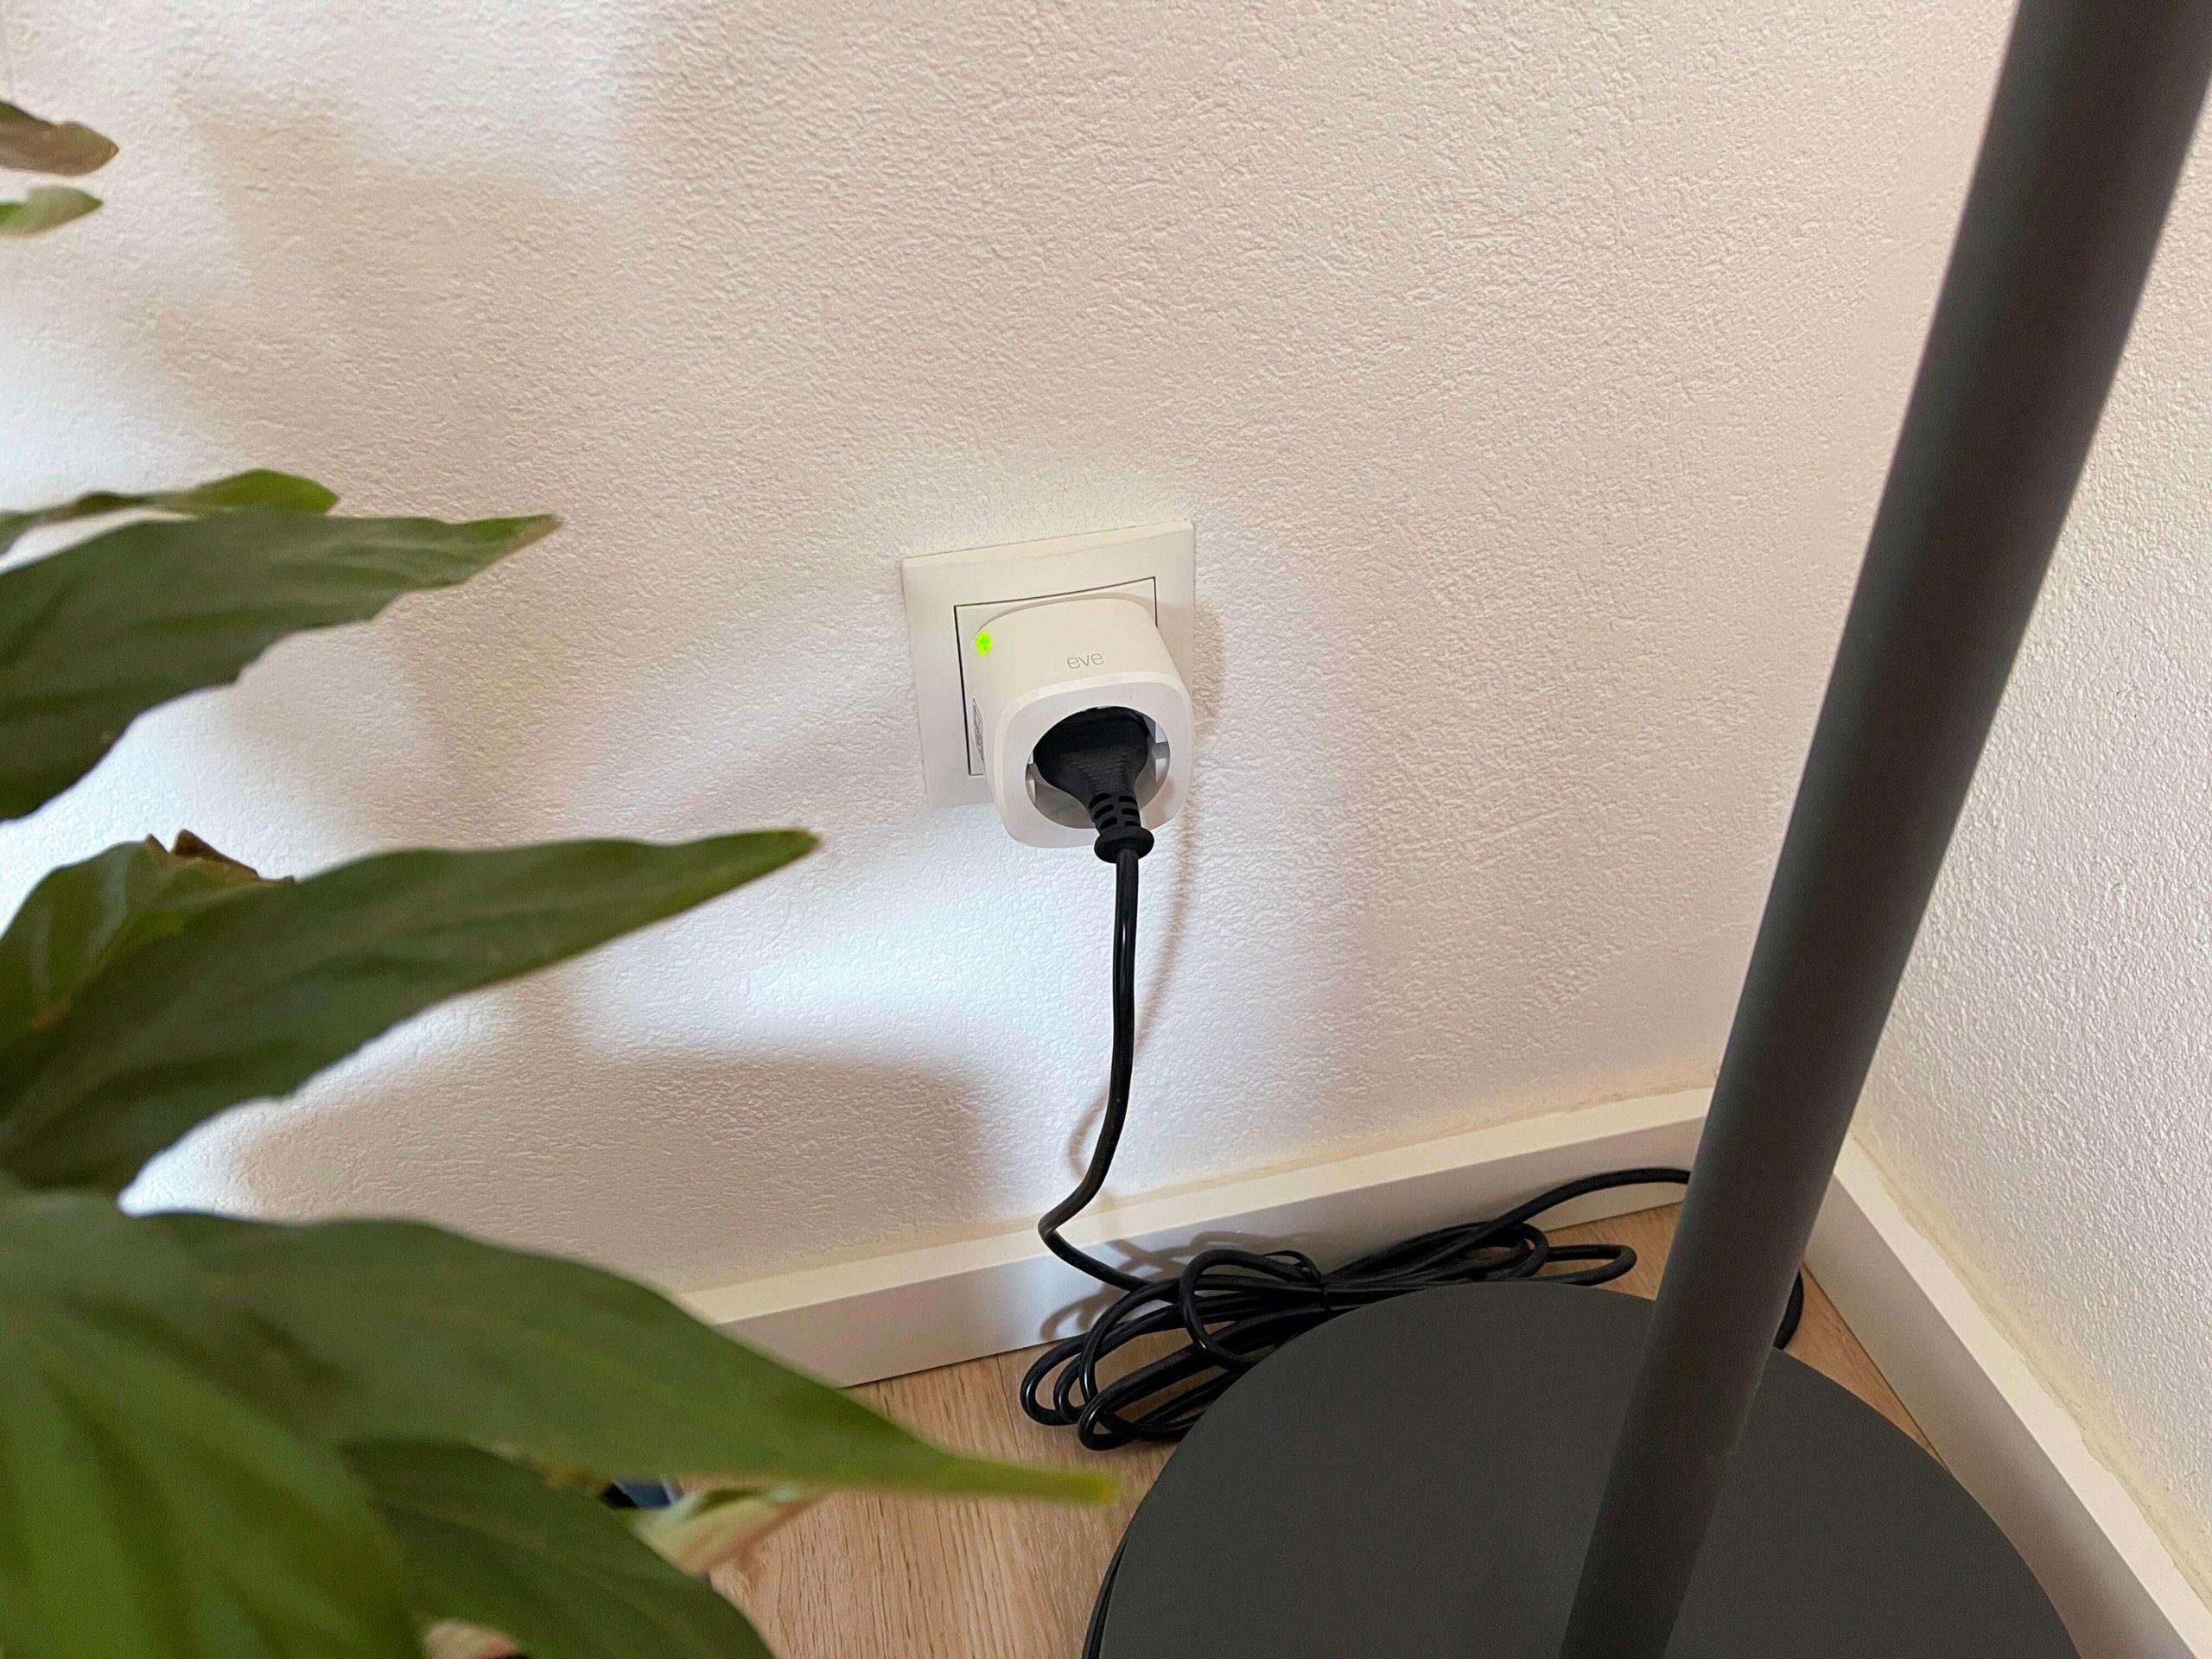 Eve-Energy-von-Eve-mehr-Thread-im-Apple-HomeKit-Zuhause1-scaled Eve Energy von Eve - mehr Thread im Apple HomeKit Zuhause